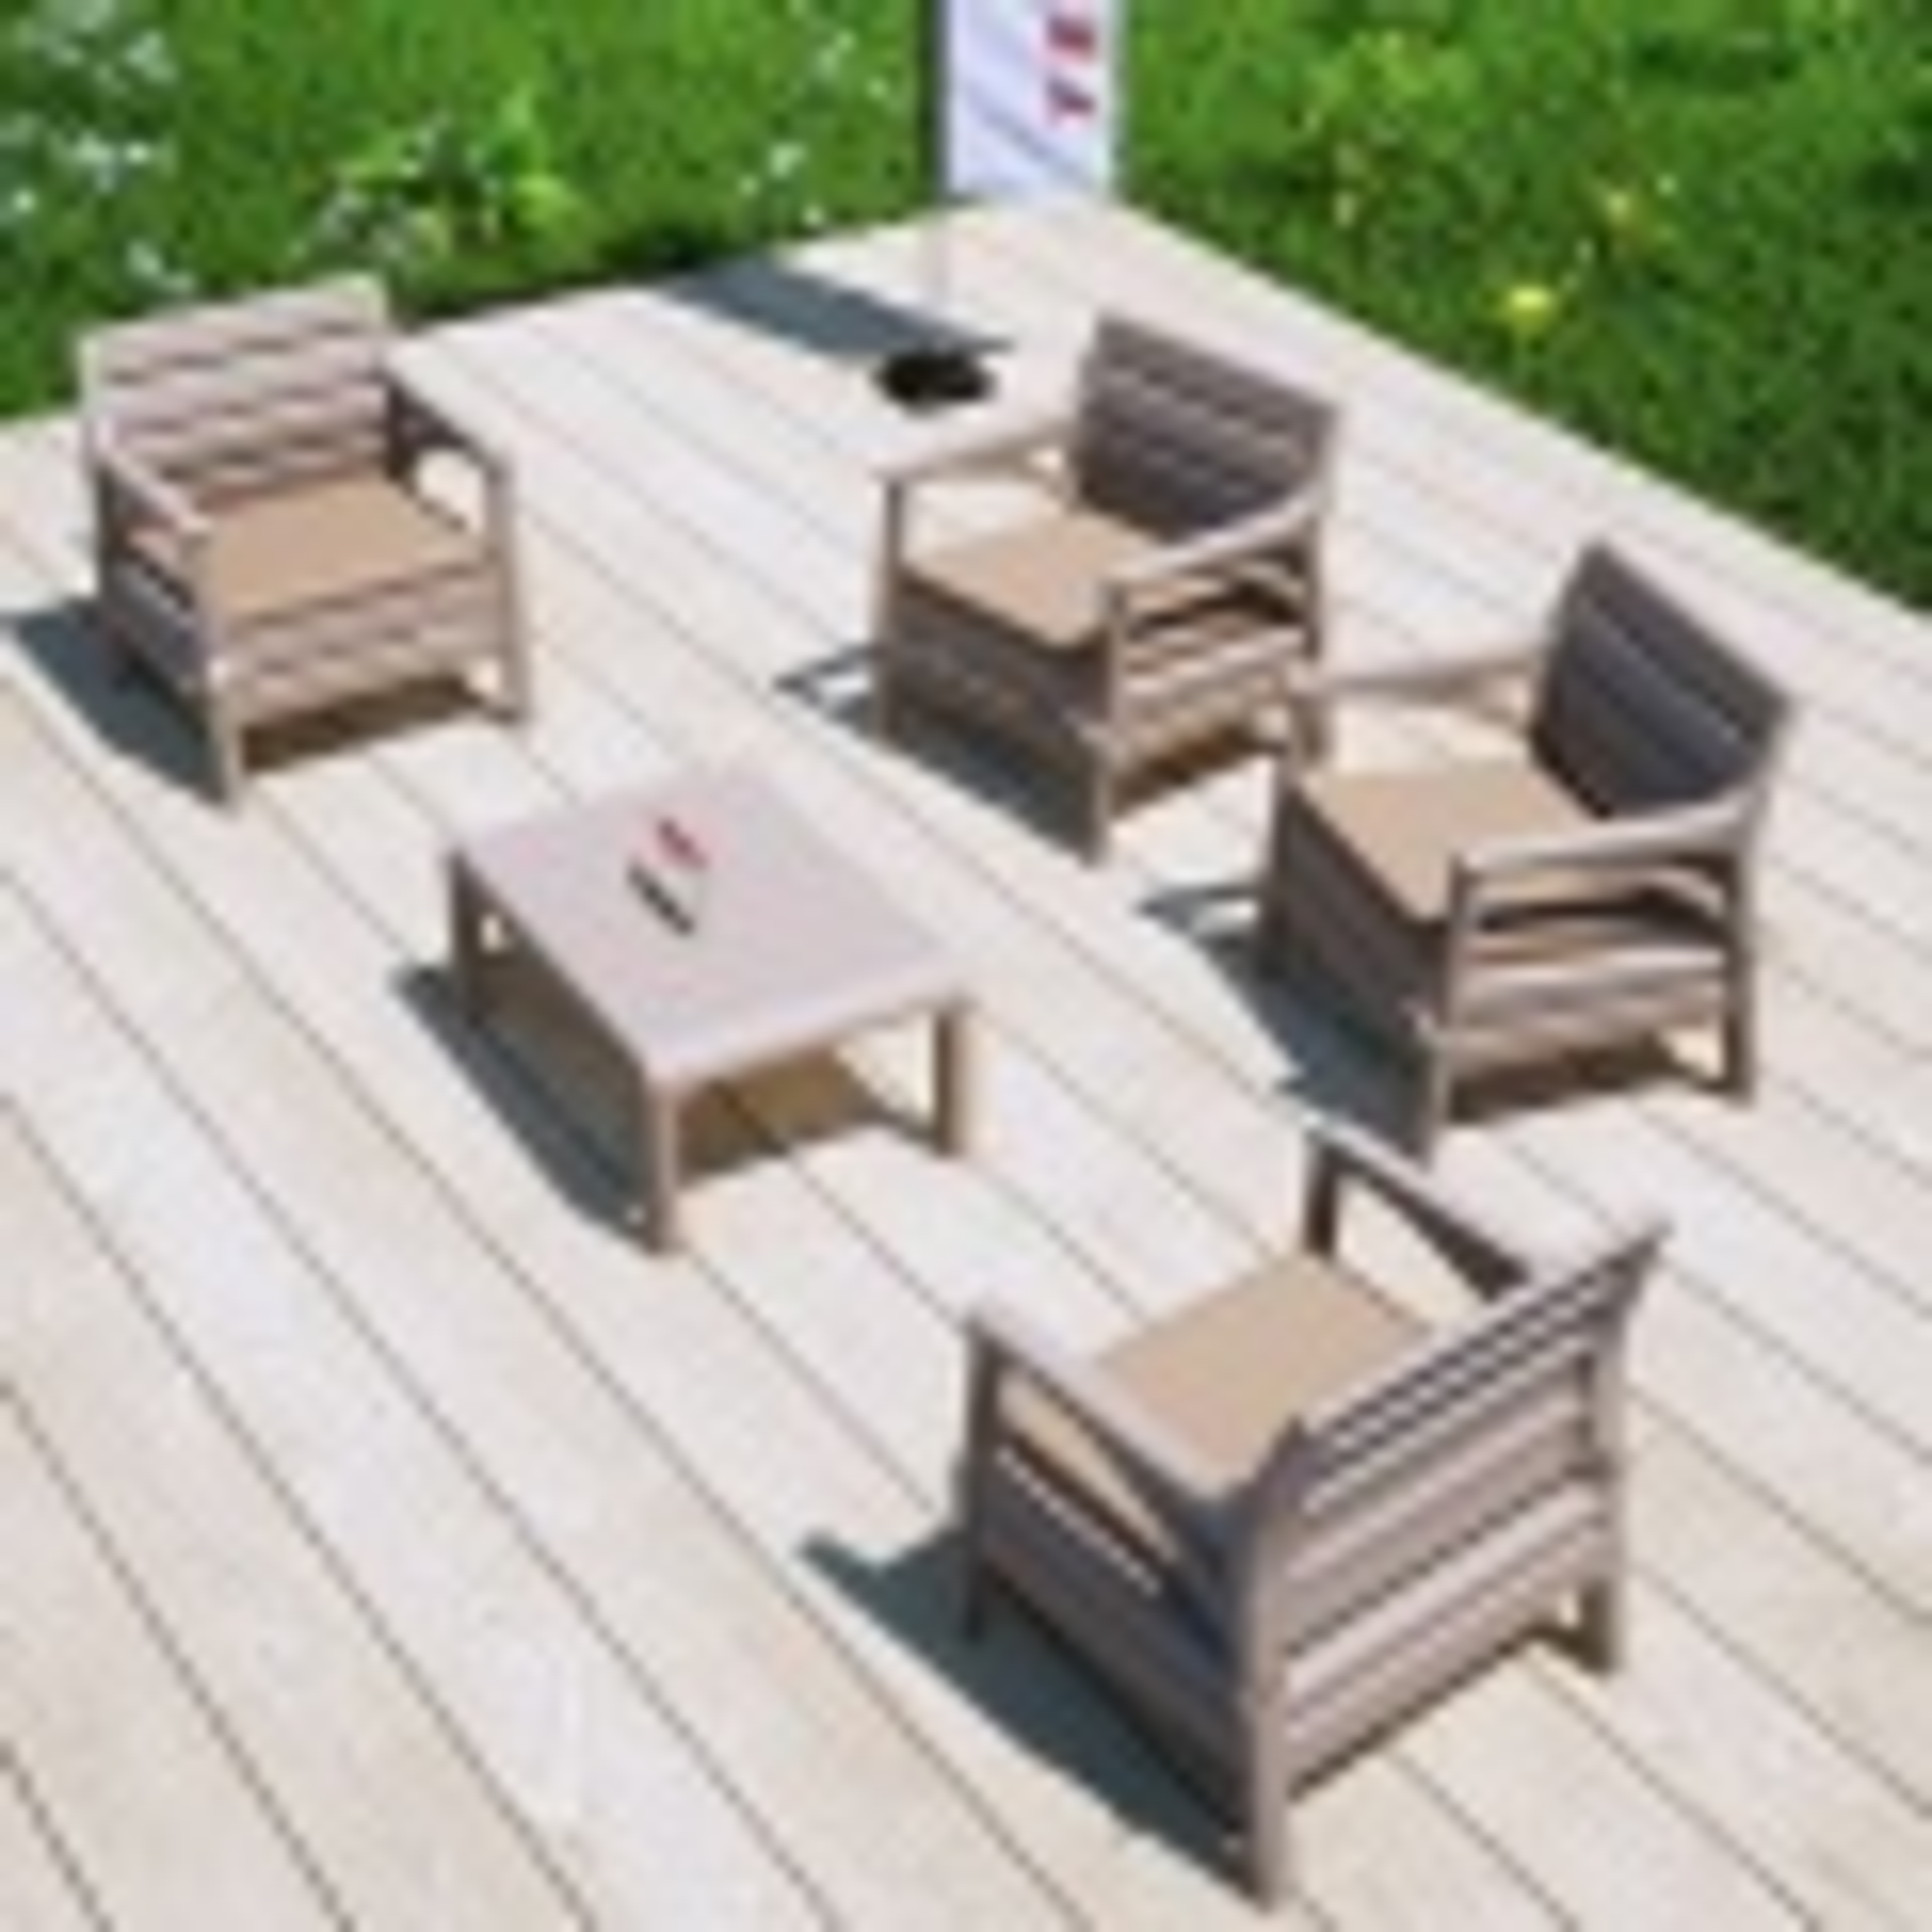 Holiday Madrid Bahçe Mobilyası Balkon Koltuk Takımı Cappucino